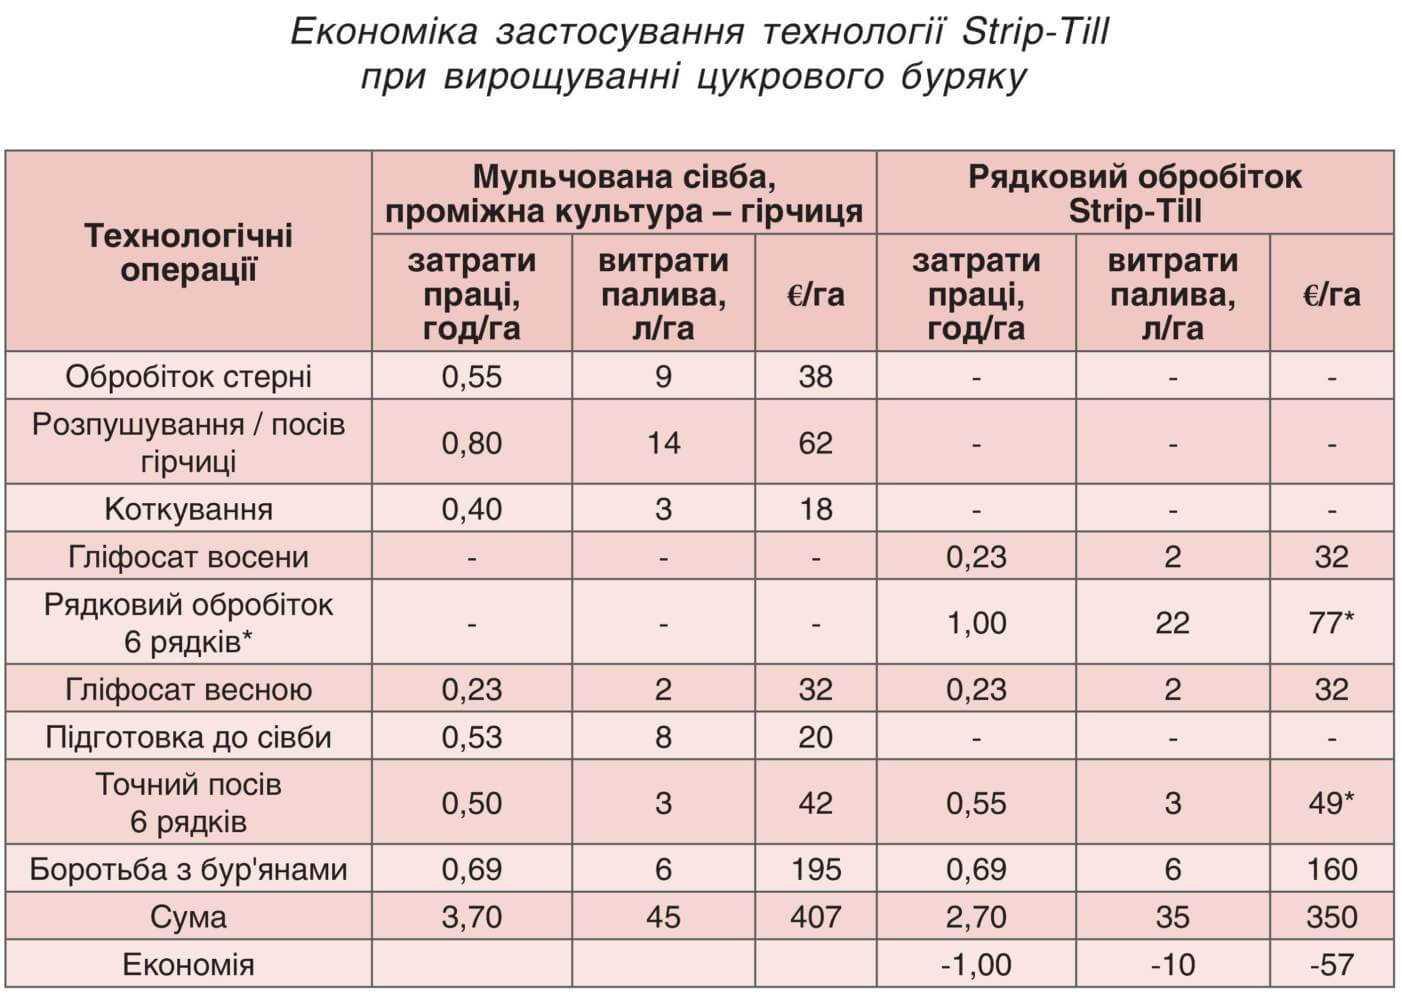 Економіка застосування технології Strip-Till при вирощуванні цукрових буряків